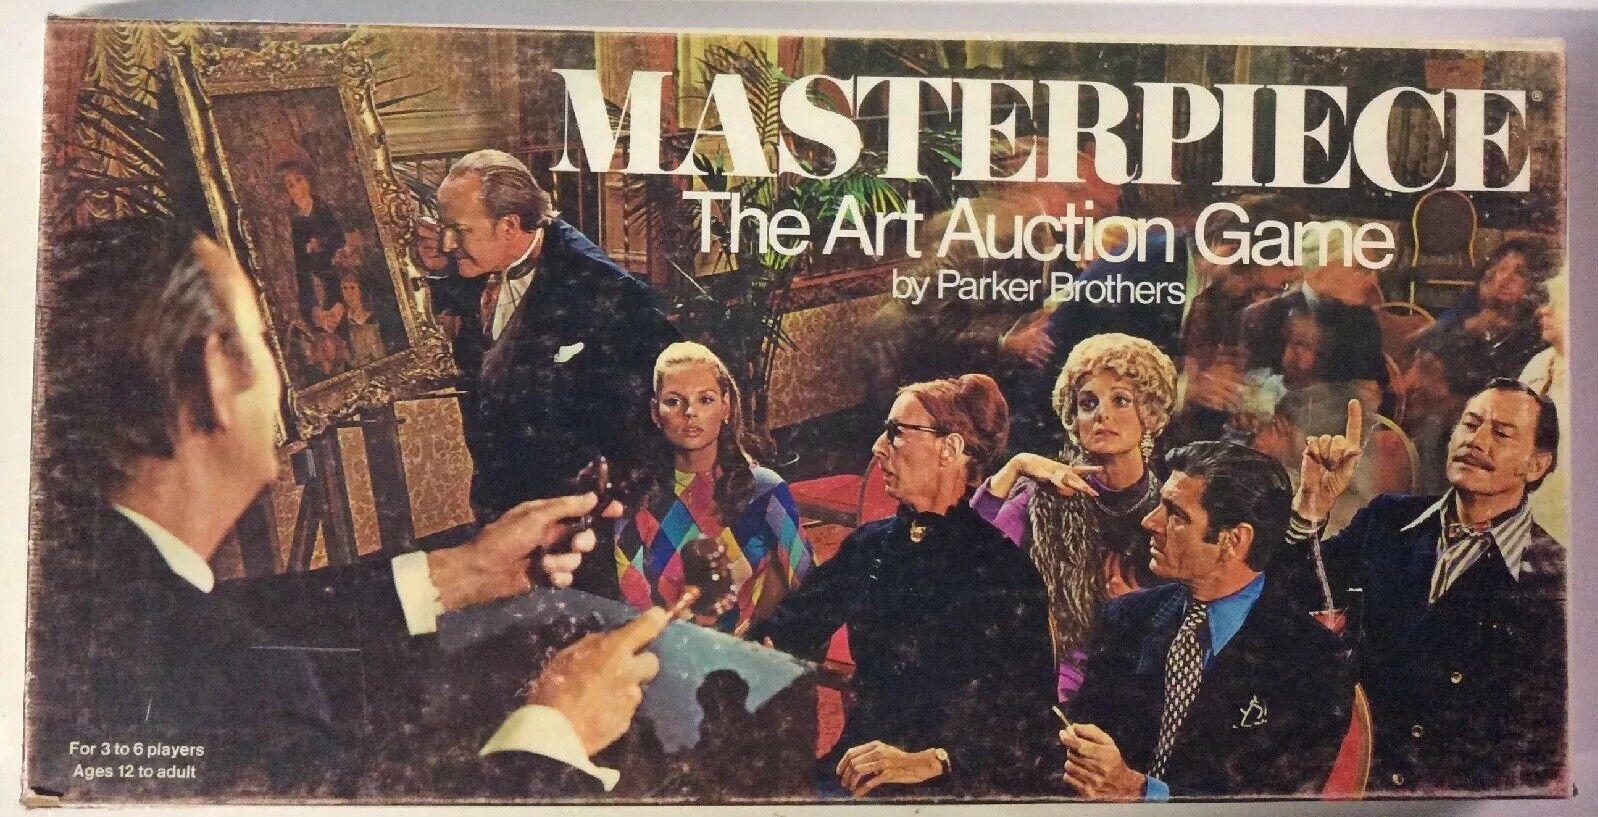 Chef d'œuvre de l'Art Auction Jeu par Parker Brougehers (vintage rare, 1970)